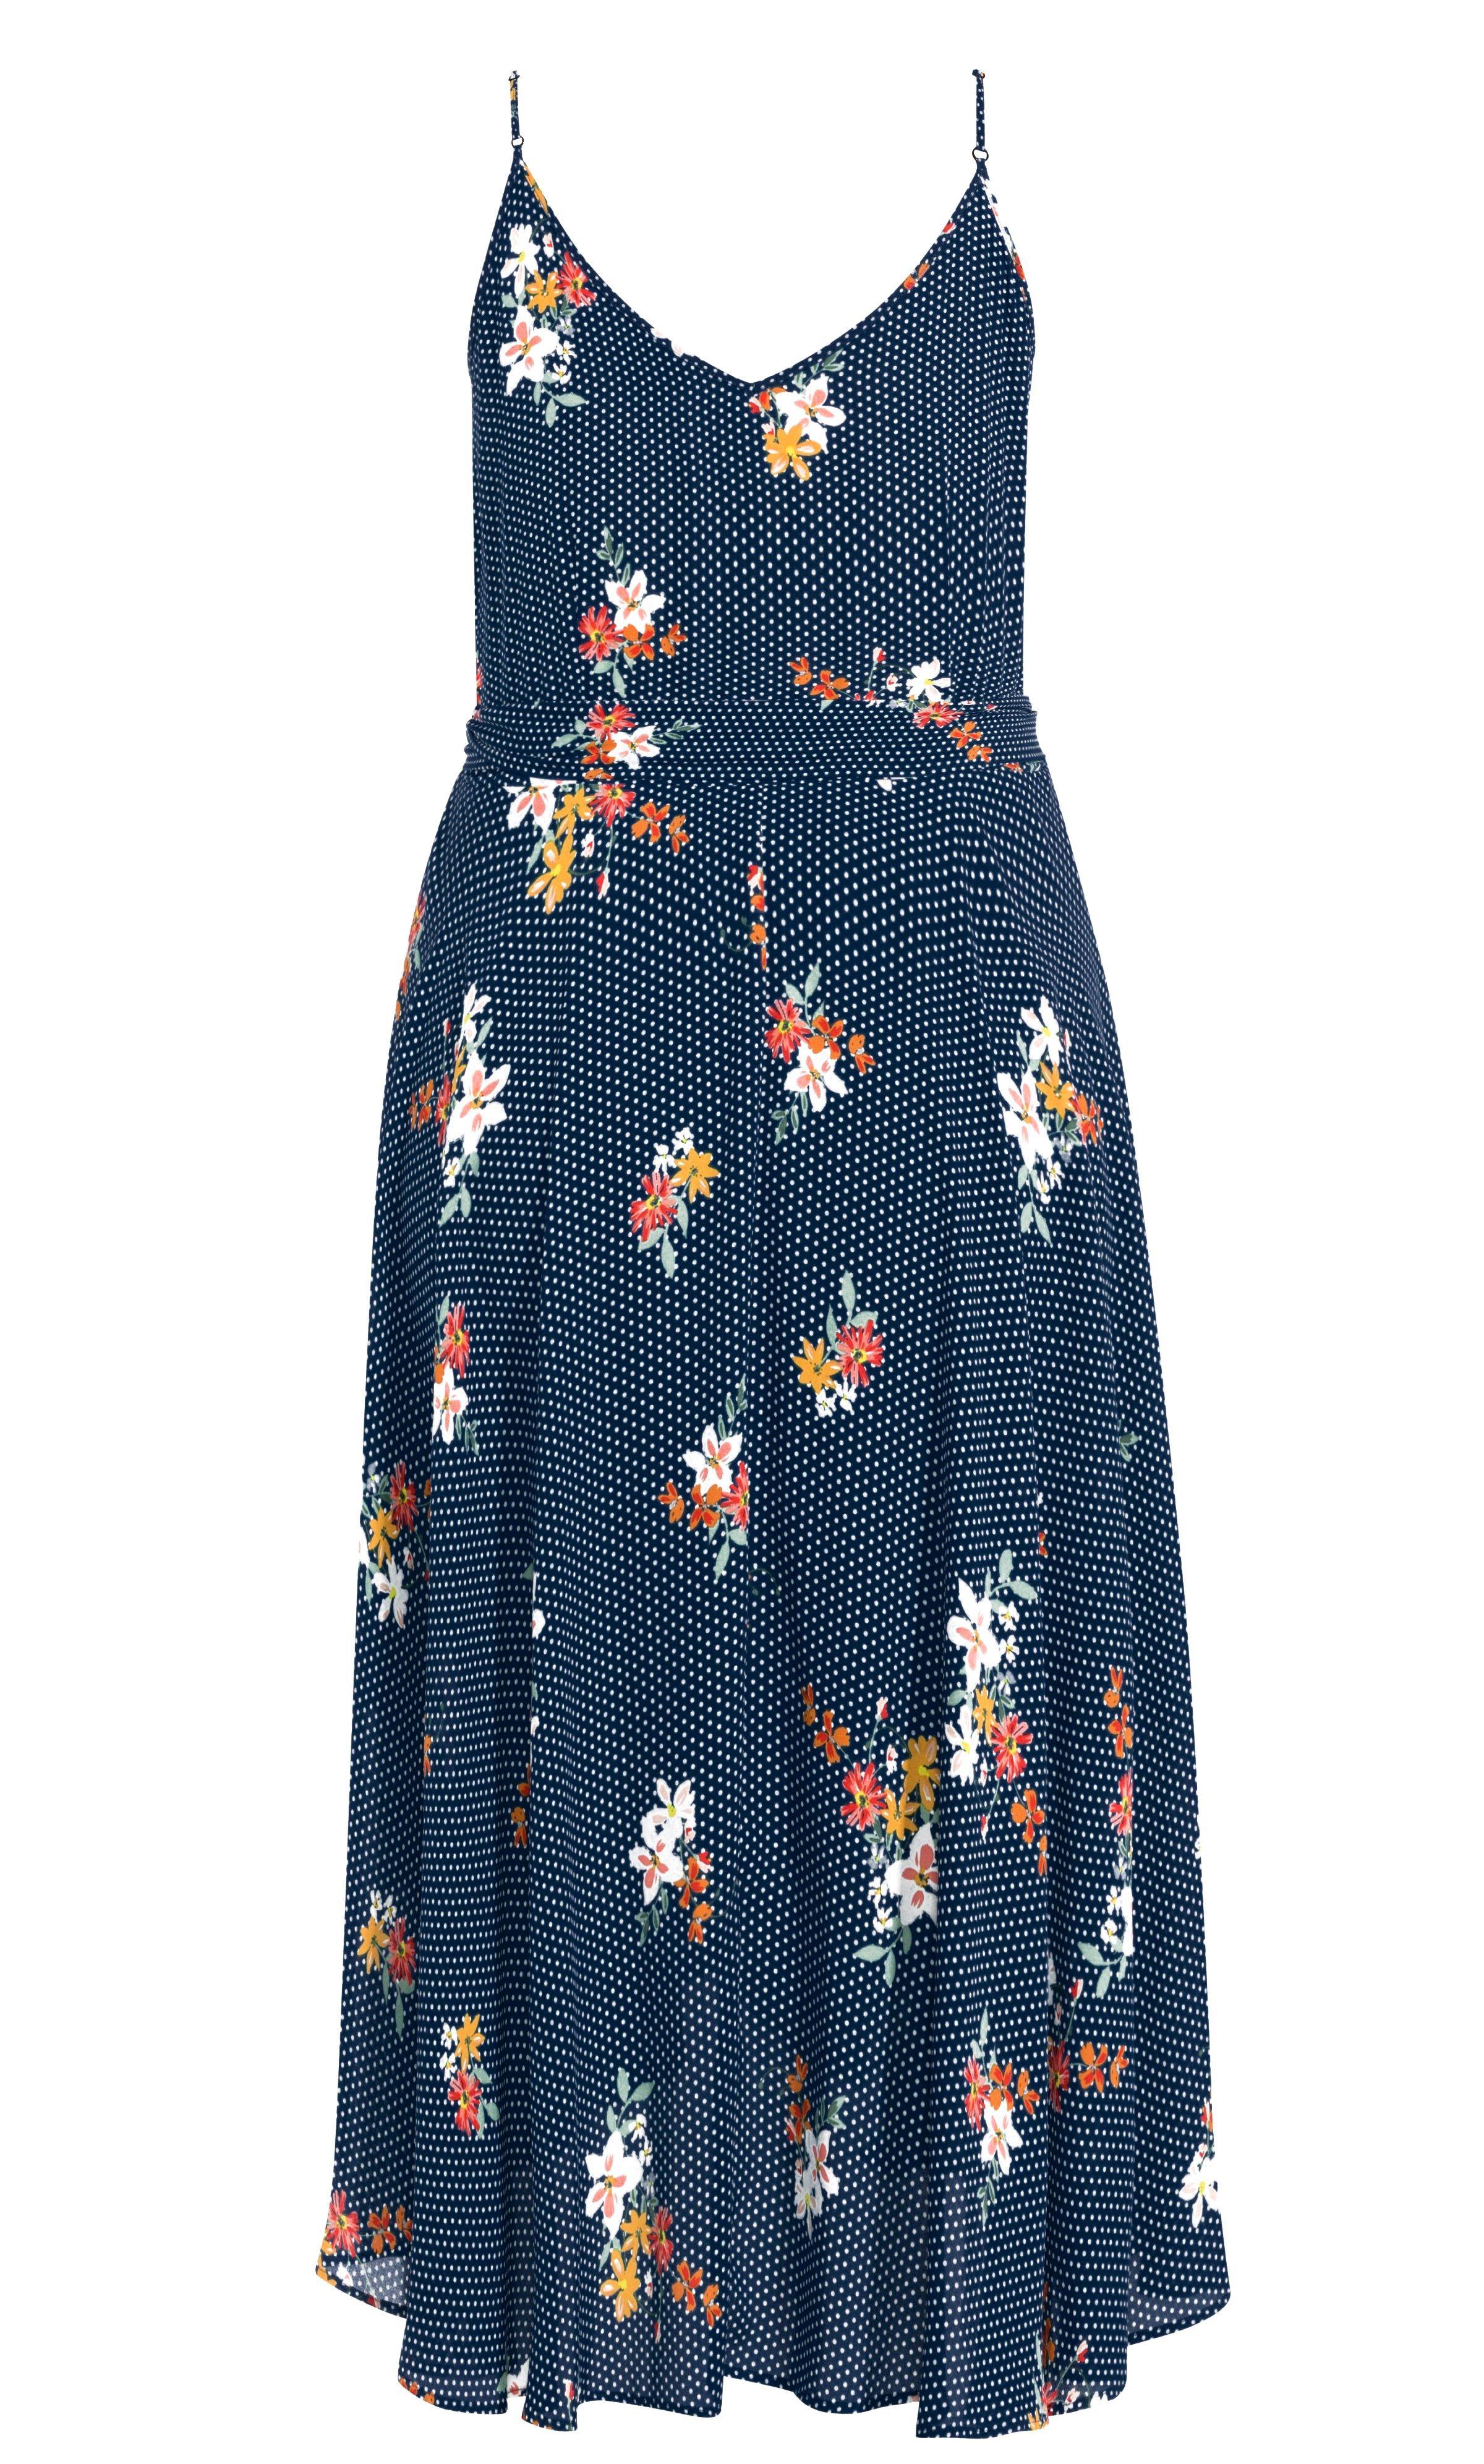 4a2a9093d2df2 ... Spot Floral Wrap Dress - Navy - Lyst. View fullscreen